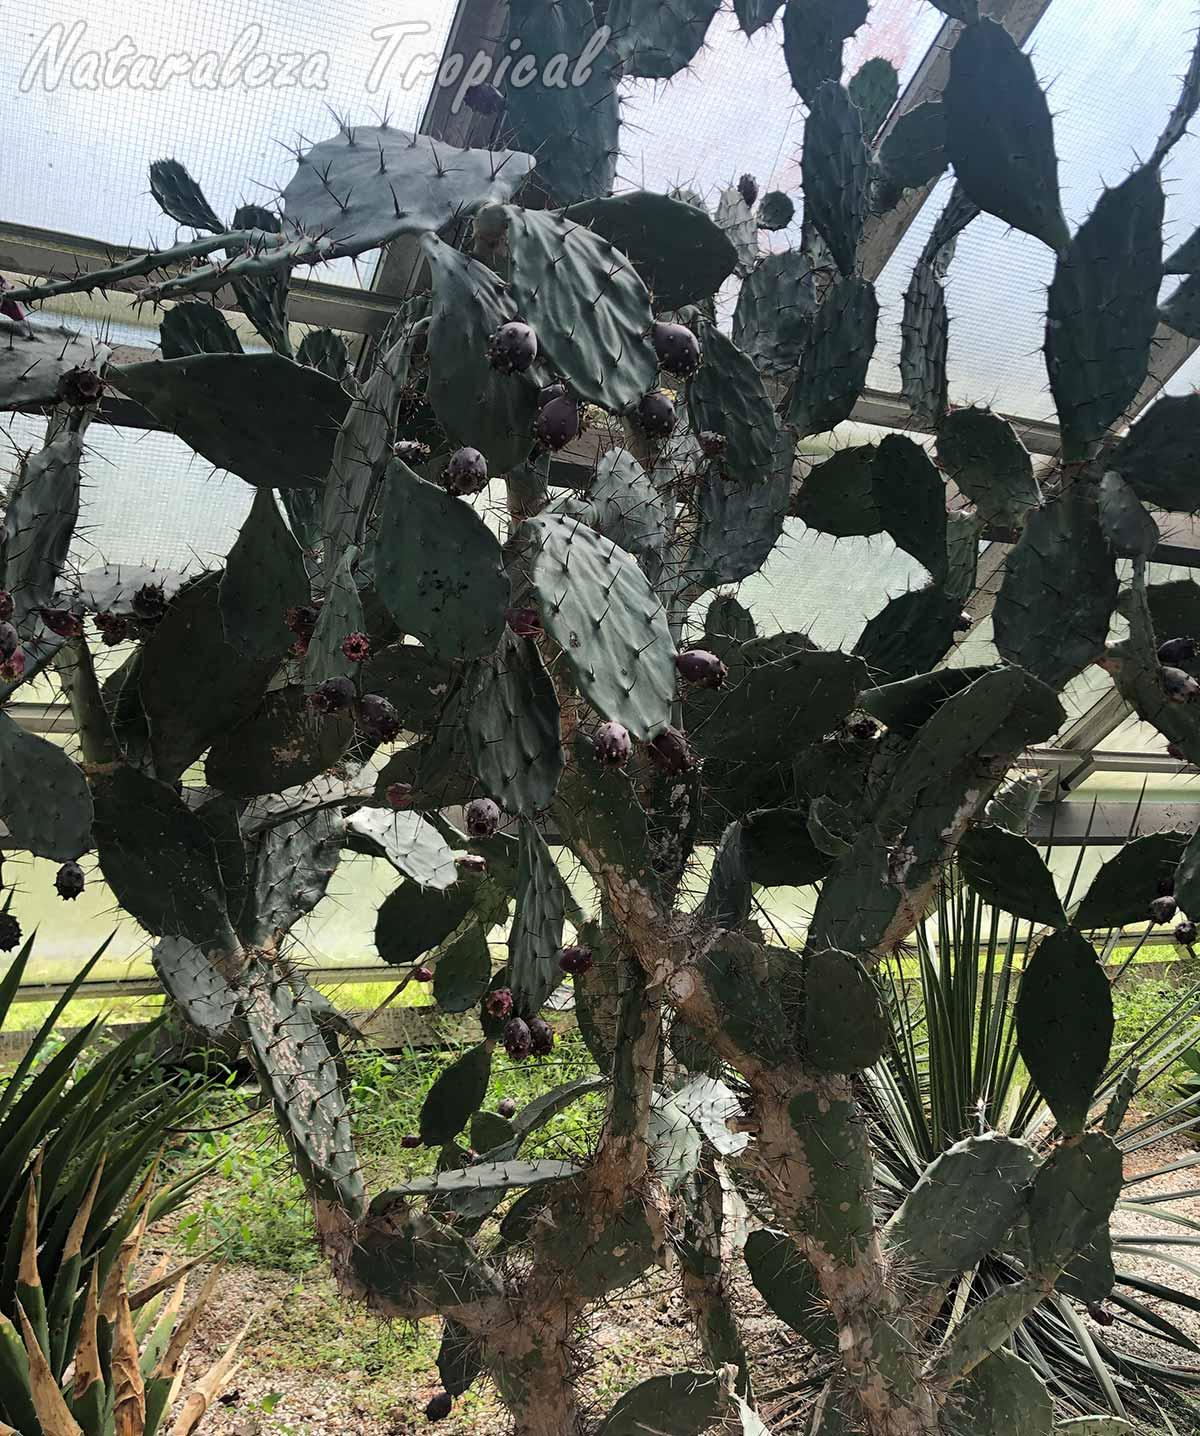 Vista del cactus Opuntia schumannii